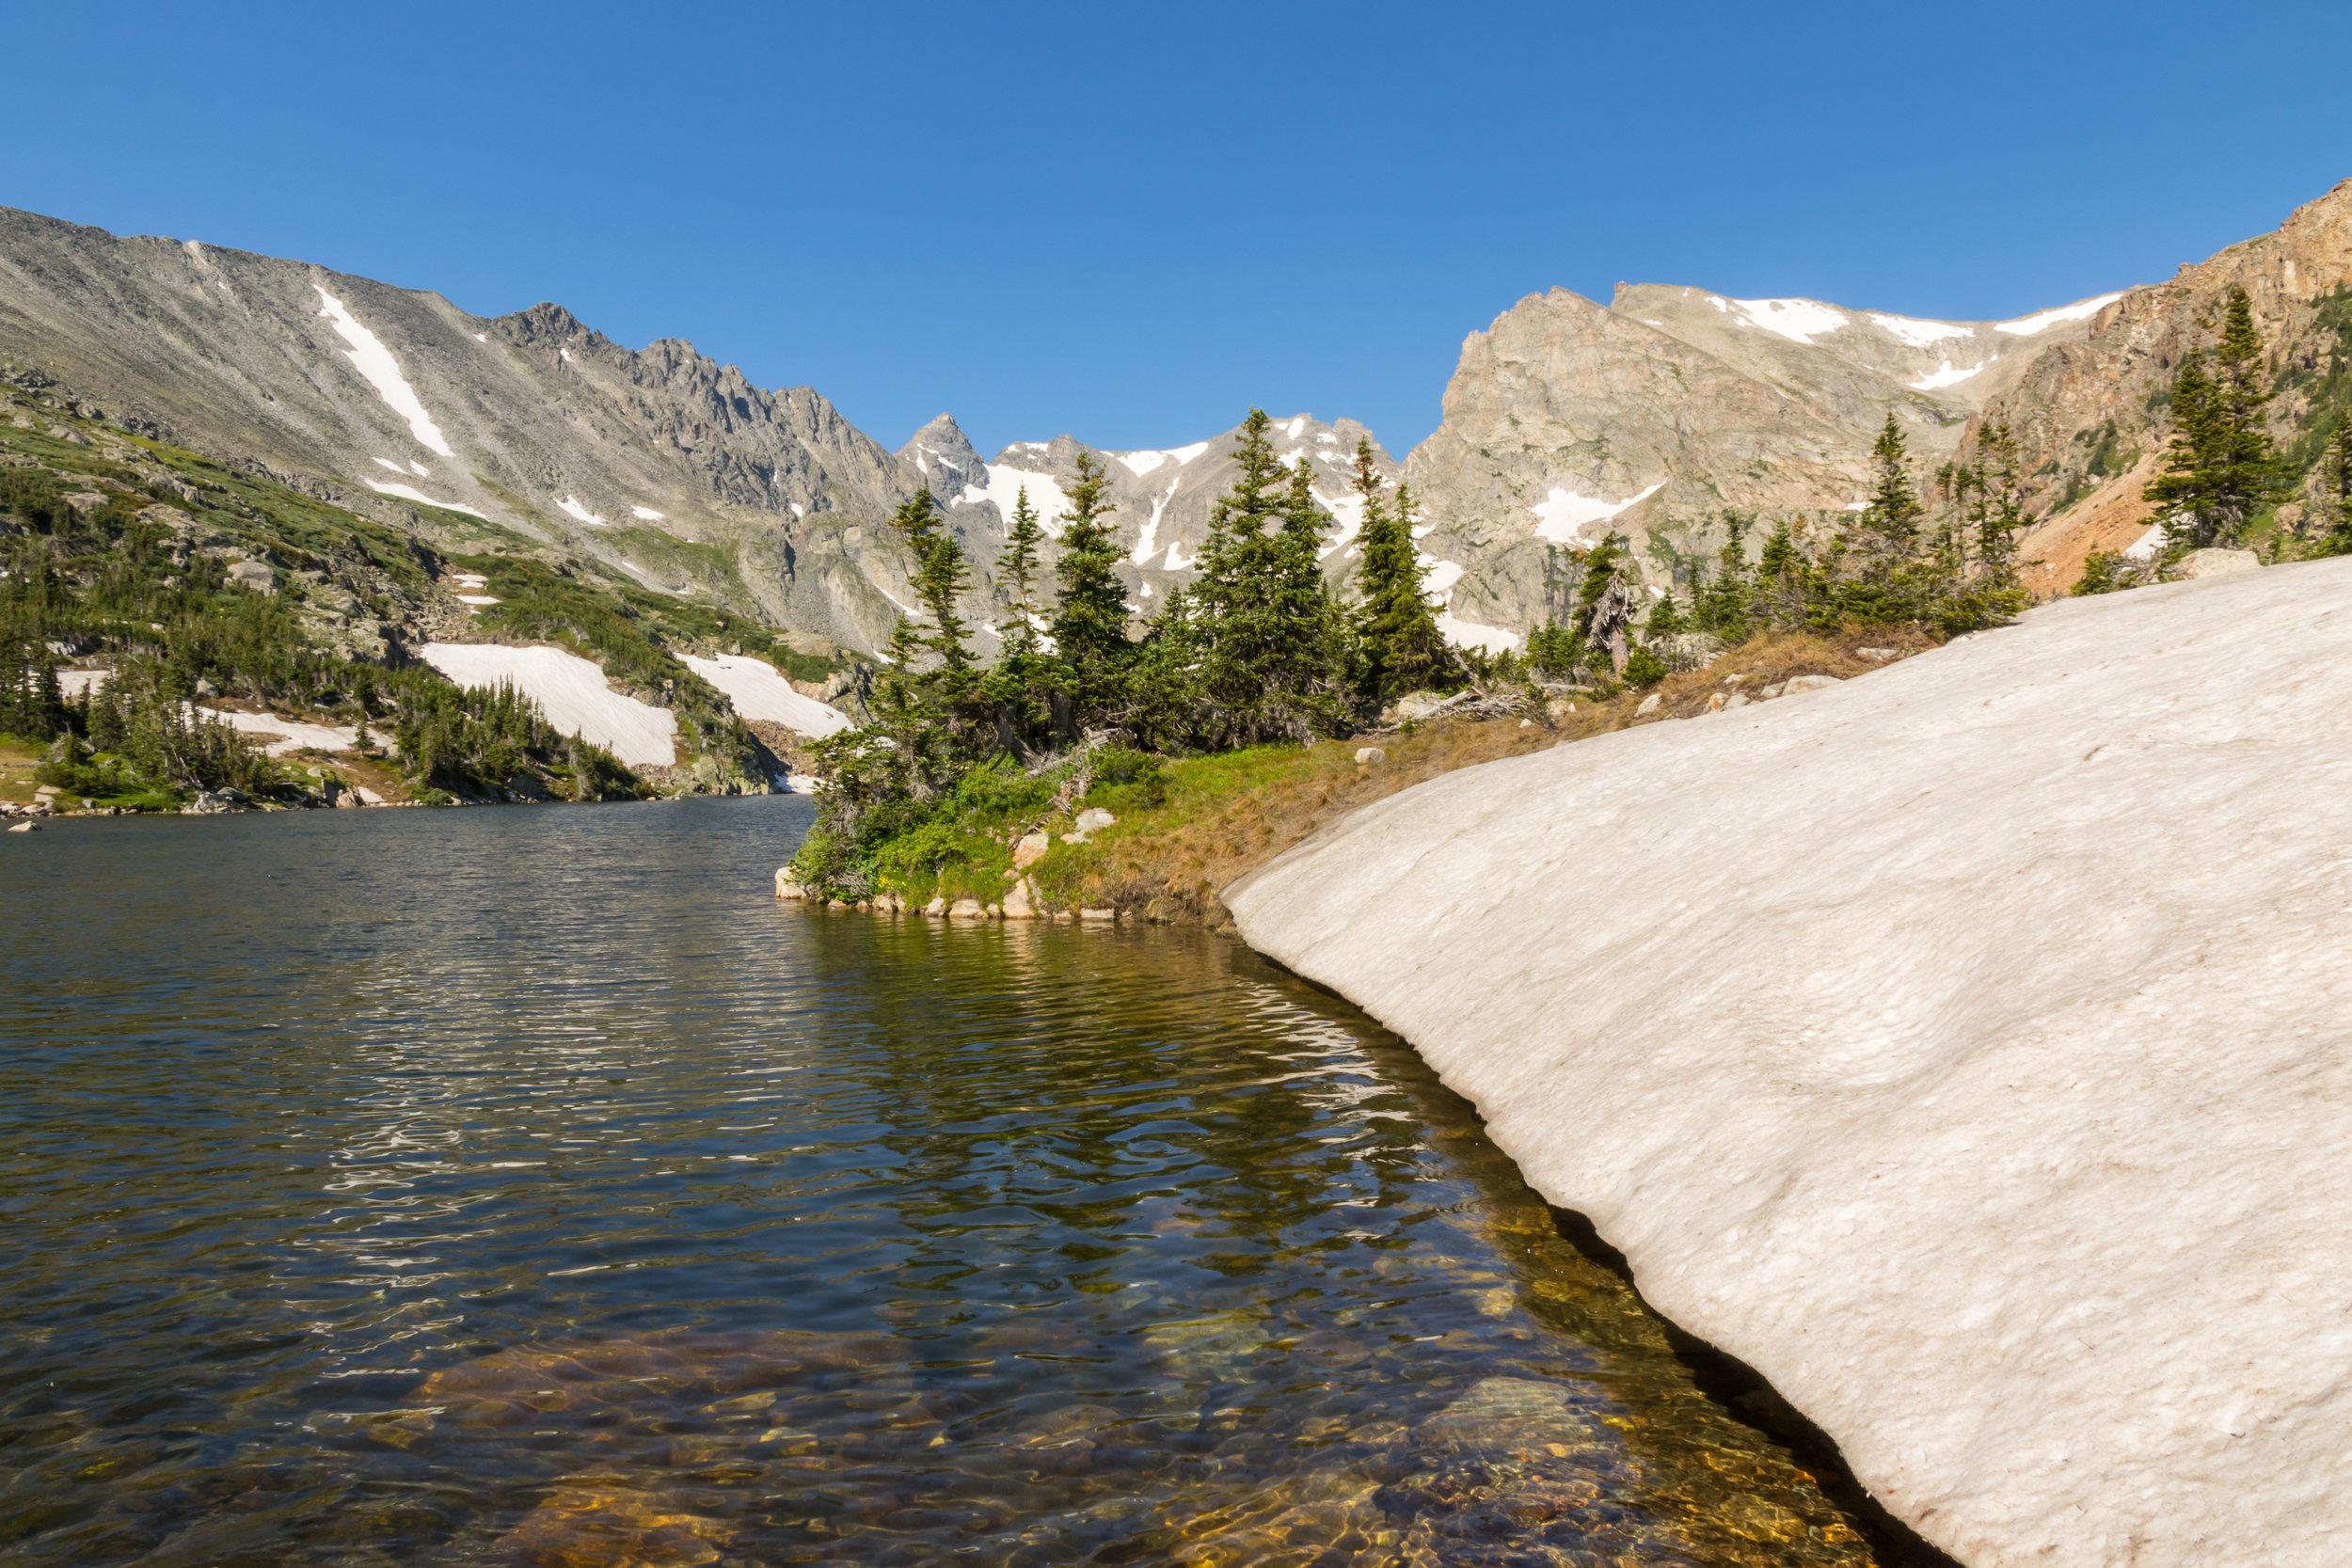 Brainard Lake, Image # 5543